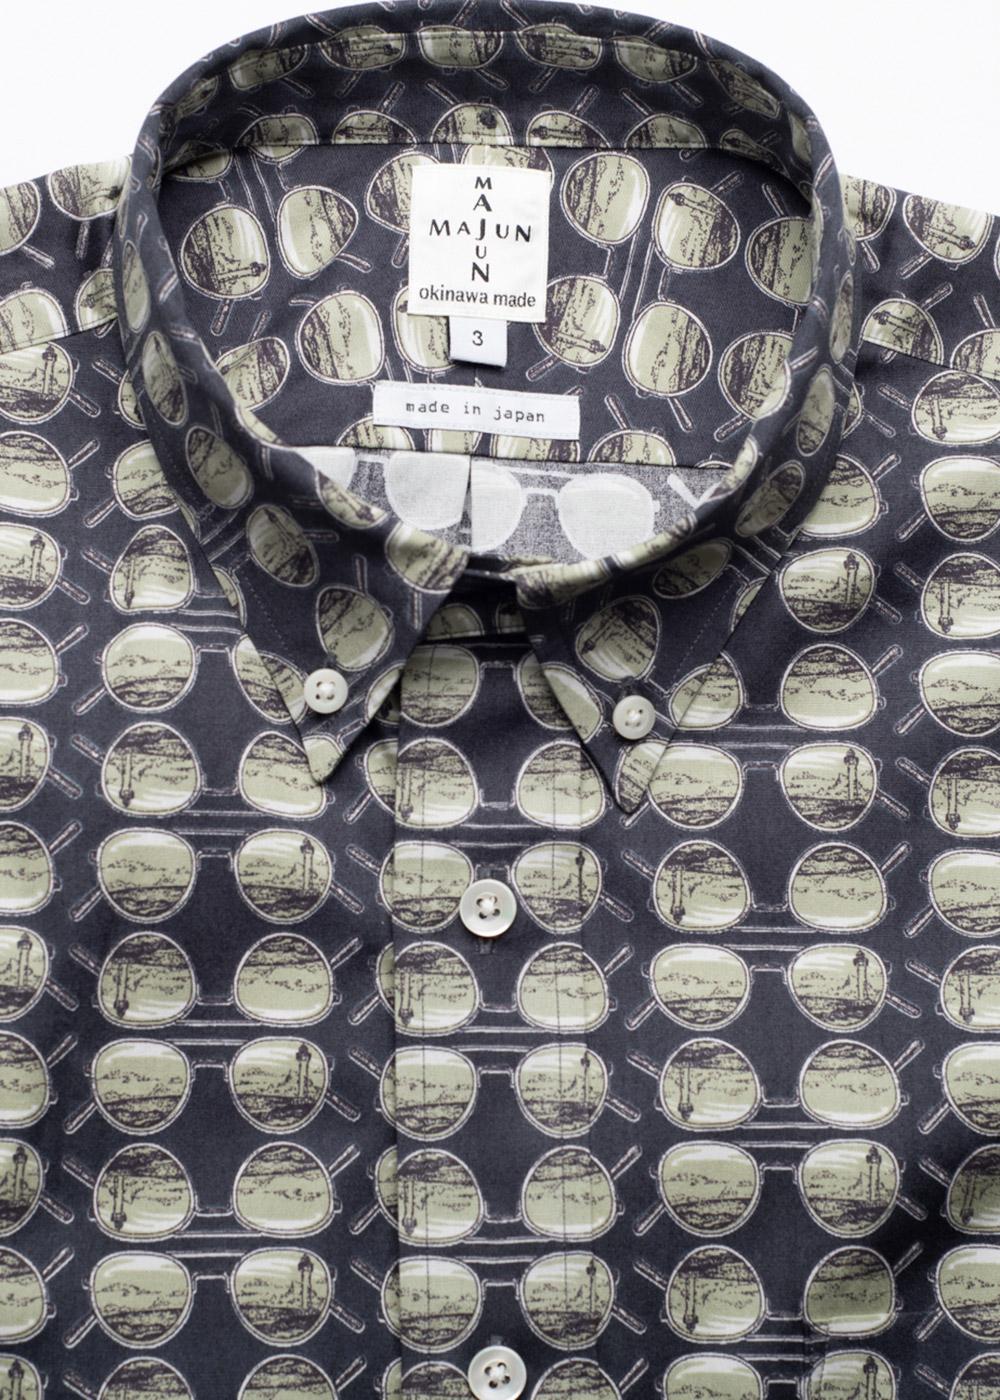 かりゆしウェア(沖縄版アロハシャツ) MAJUN - サングラス残波